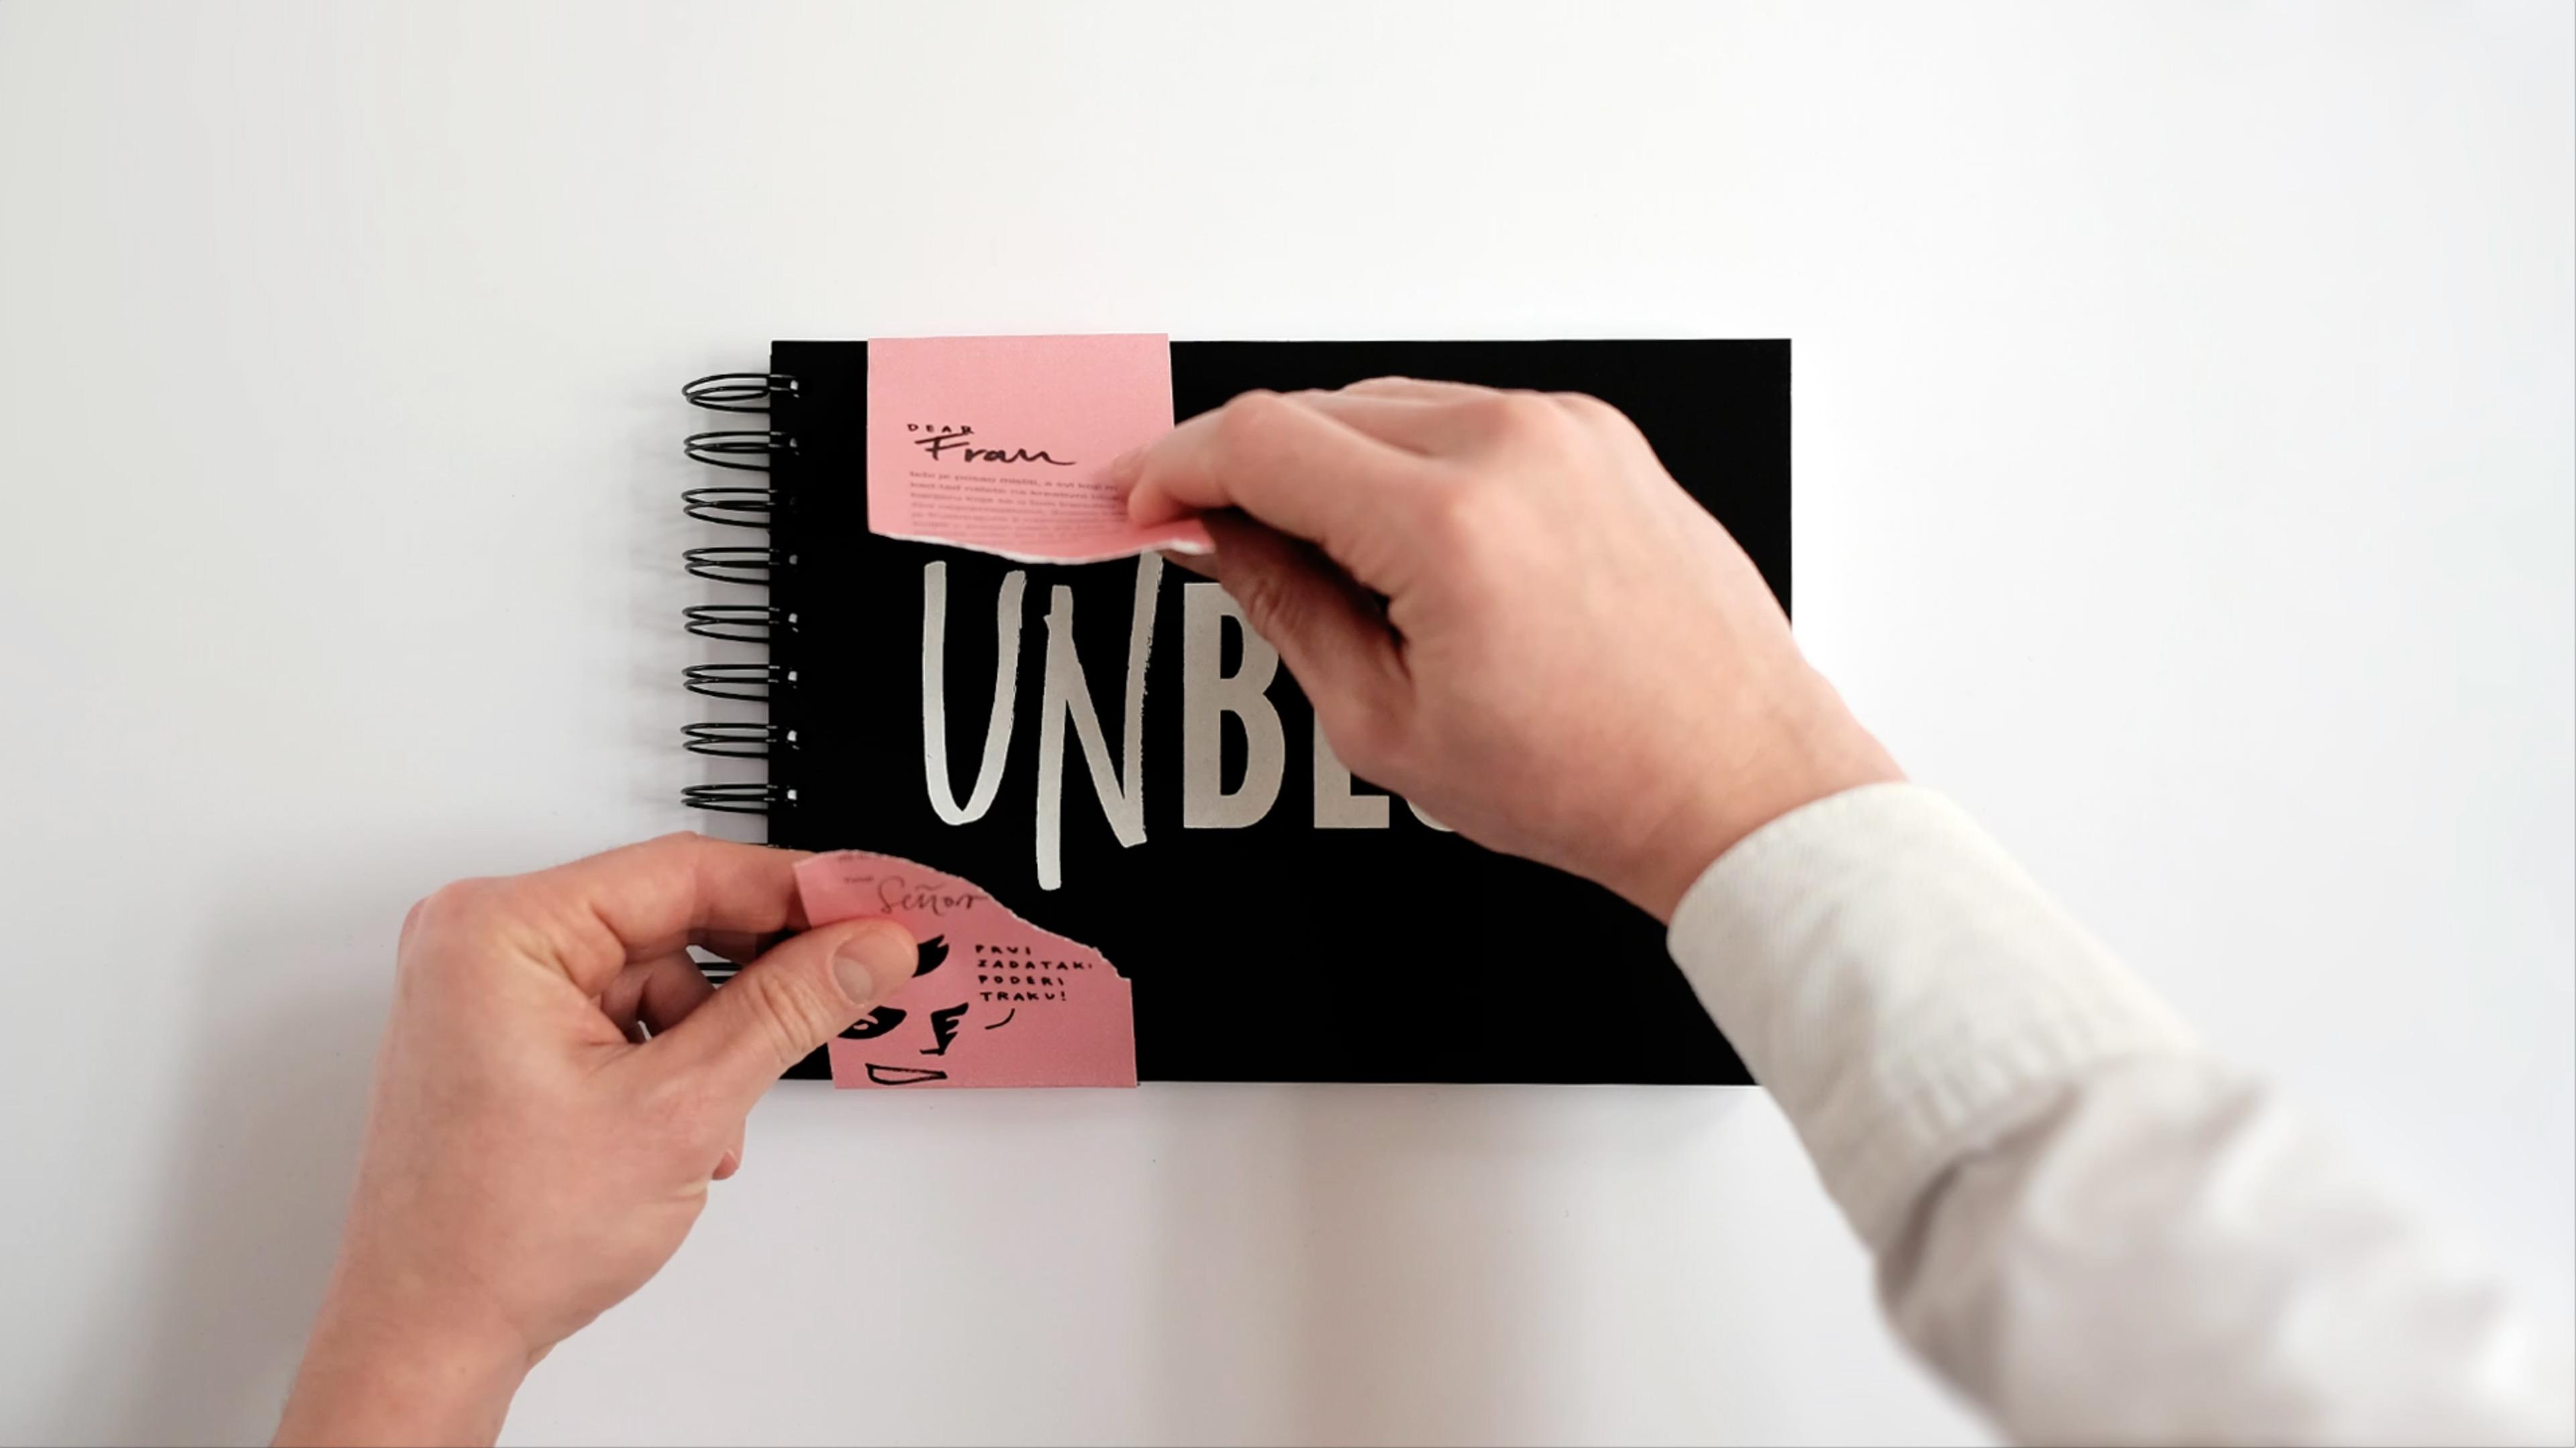 UNBLOK